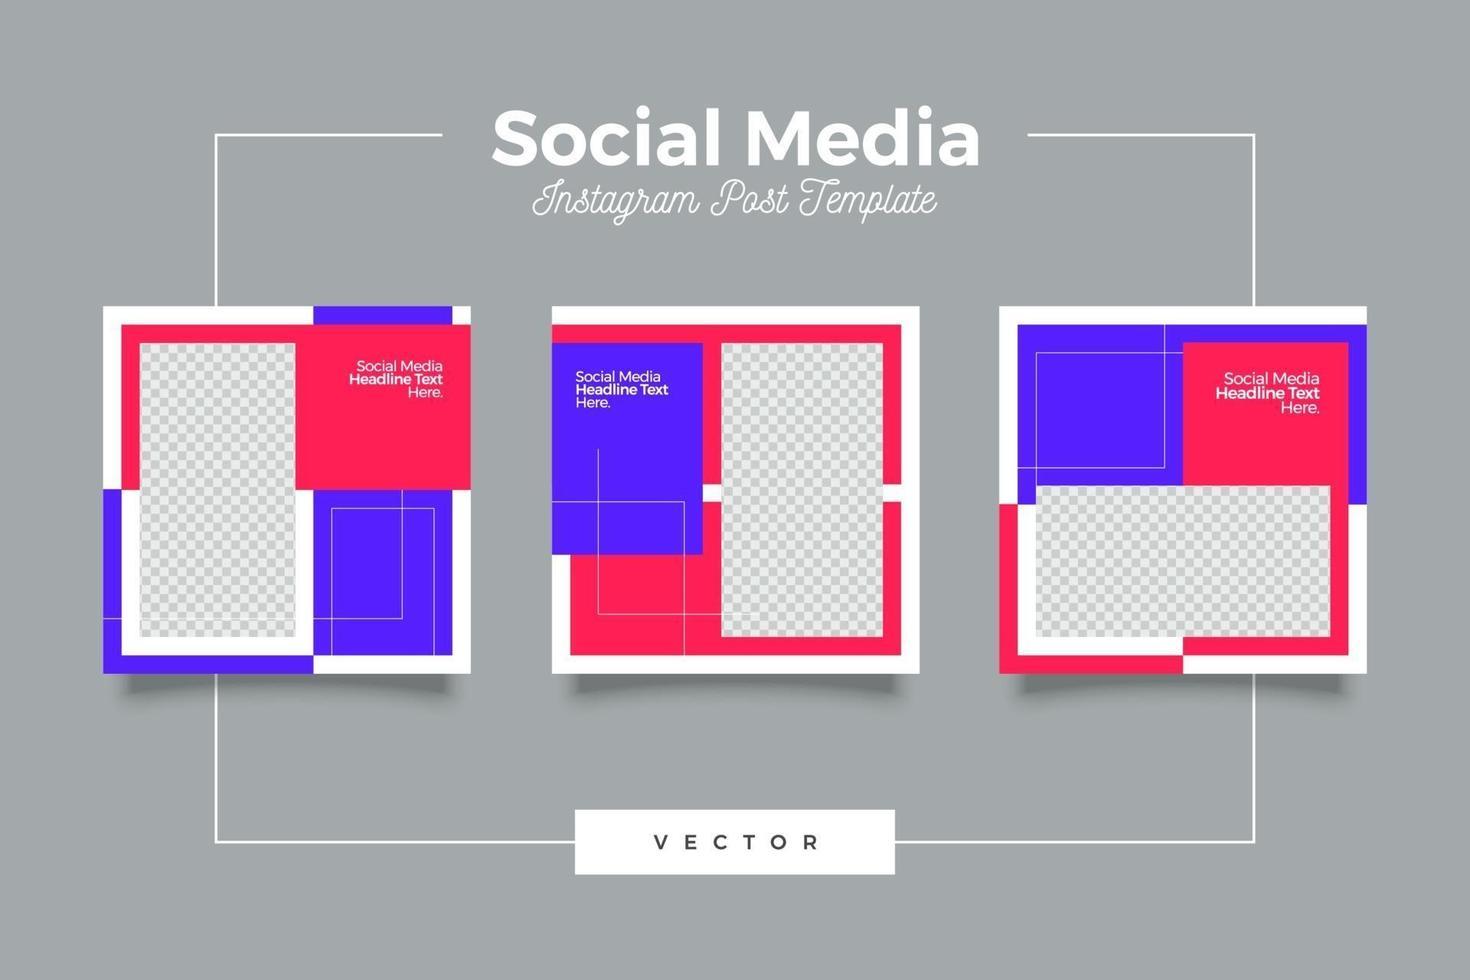 modelo de postagem de mídia social em cores chocantes minimalistas vetor